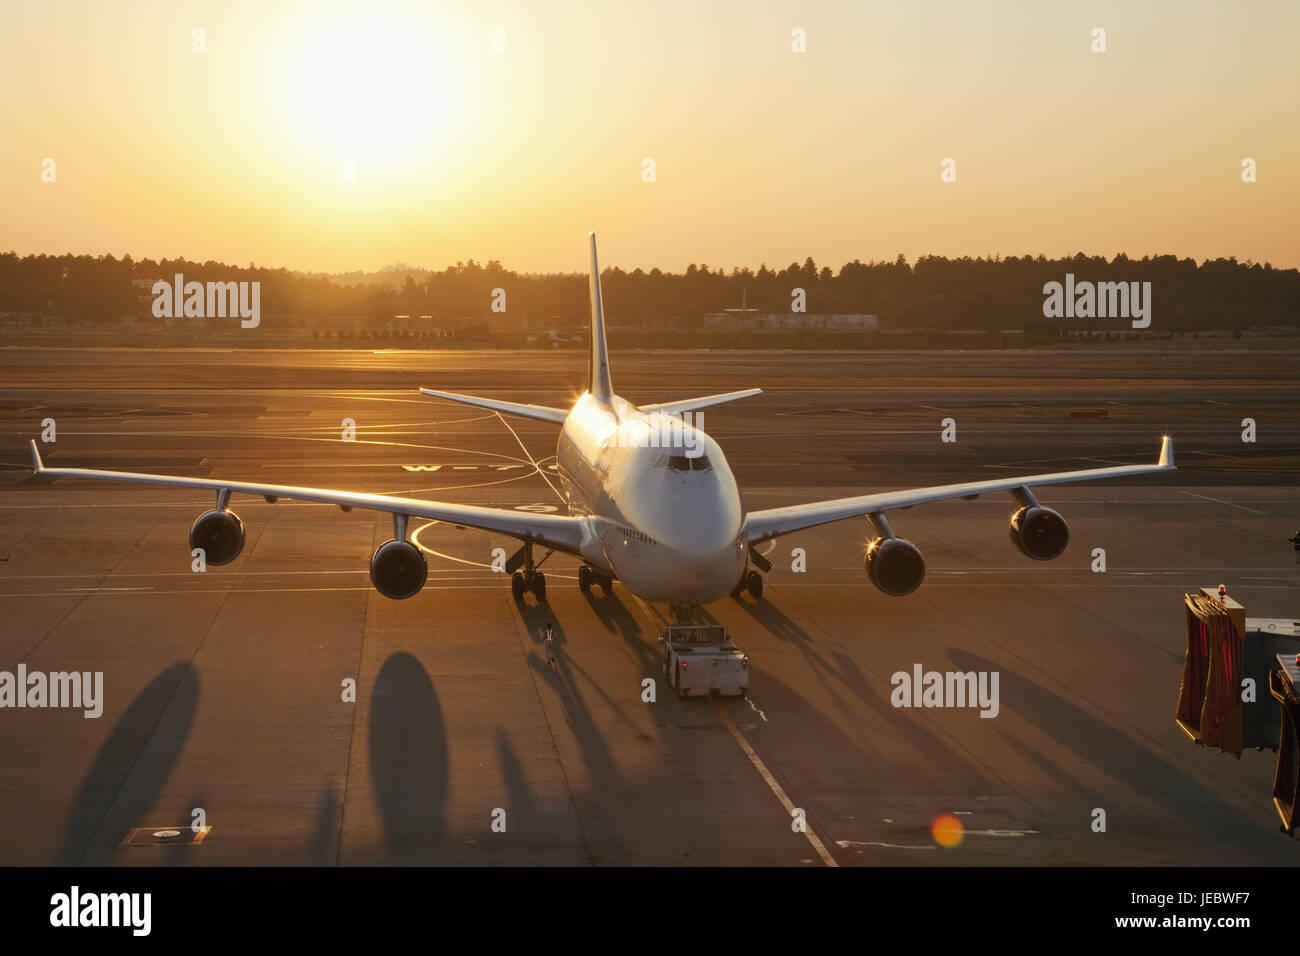 Japón, Tokio, aeropuerto internacional de Narita, campo de aterrizaje, el avión, la luz del atardecer, Imagen De Stock